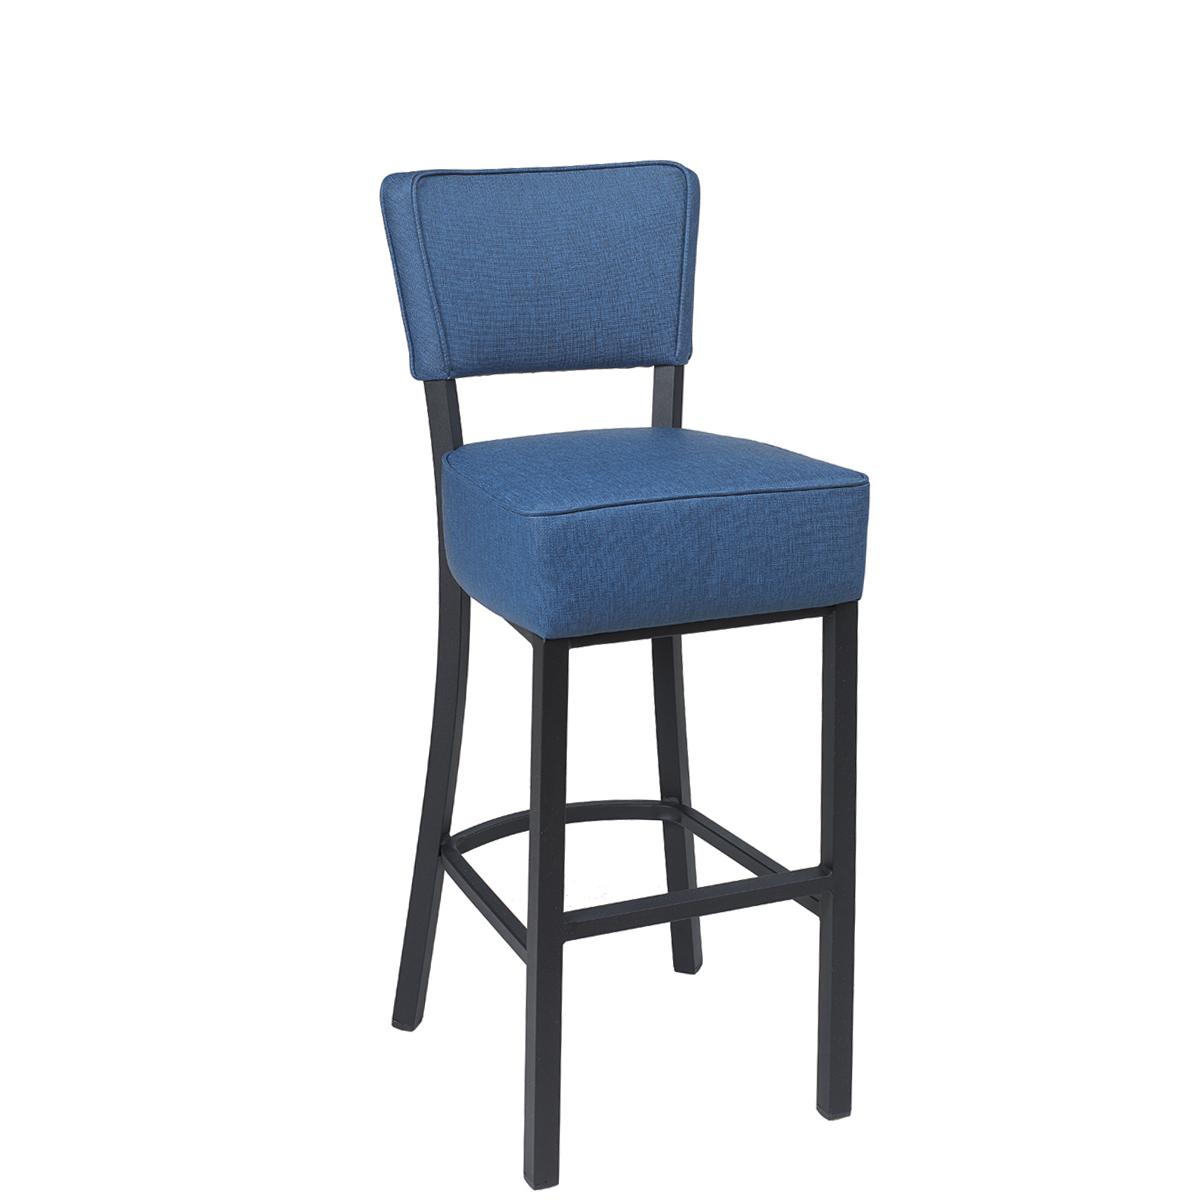 banqueta bohemia azul